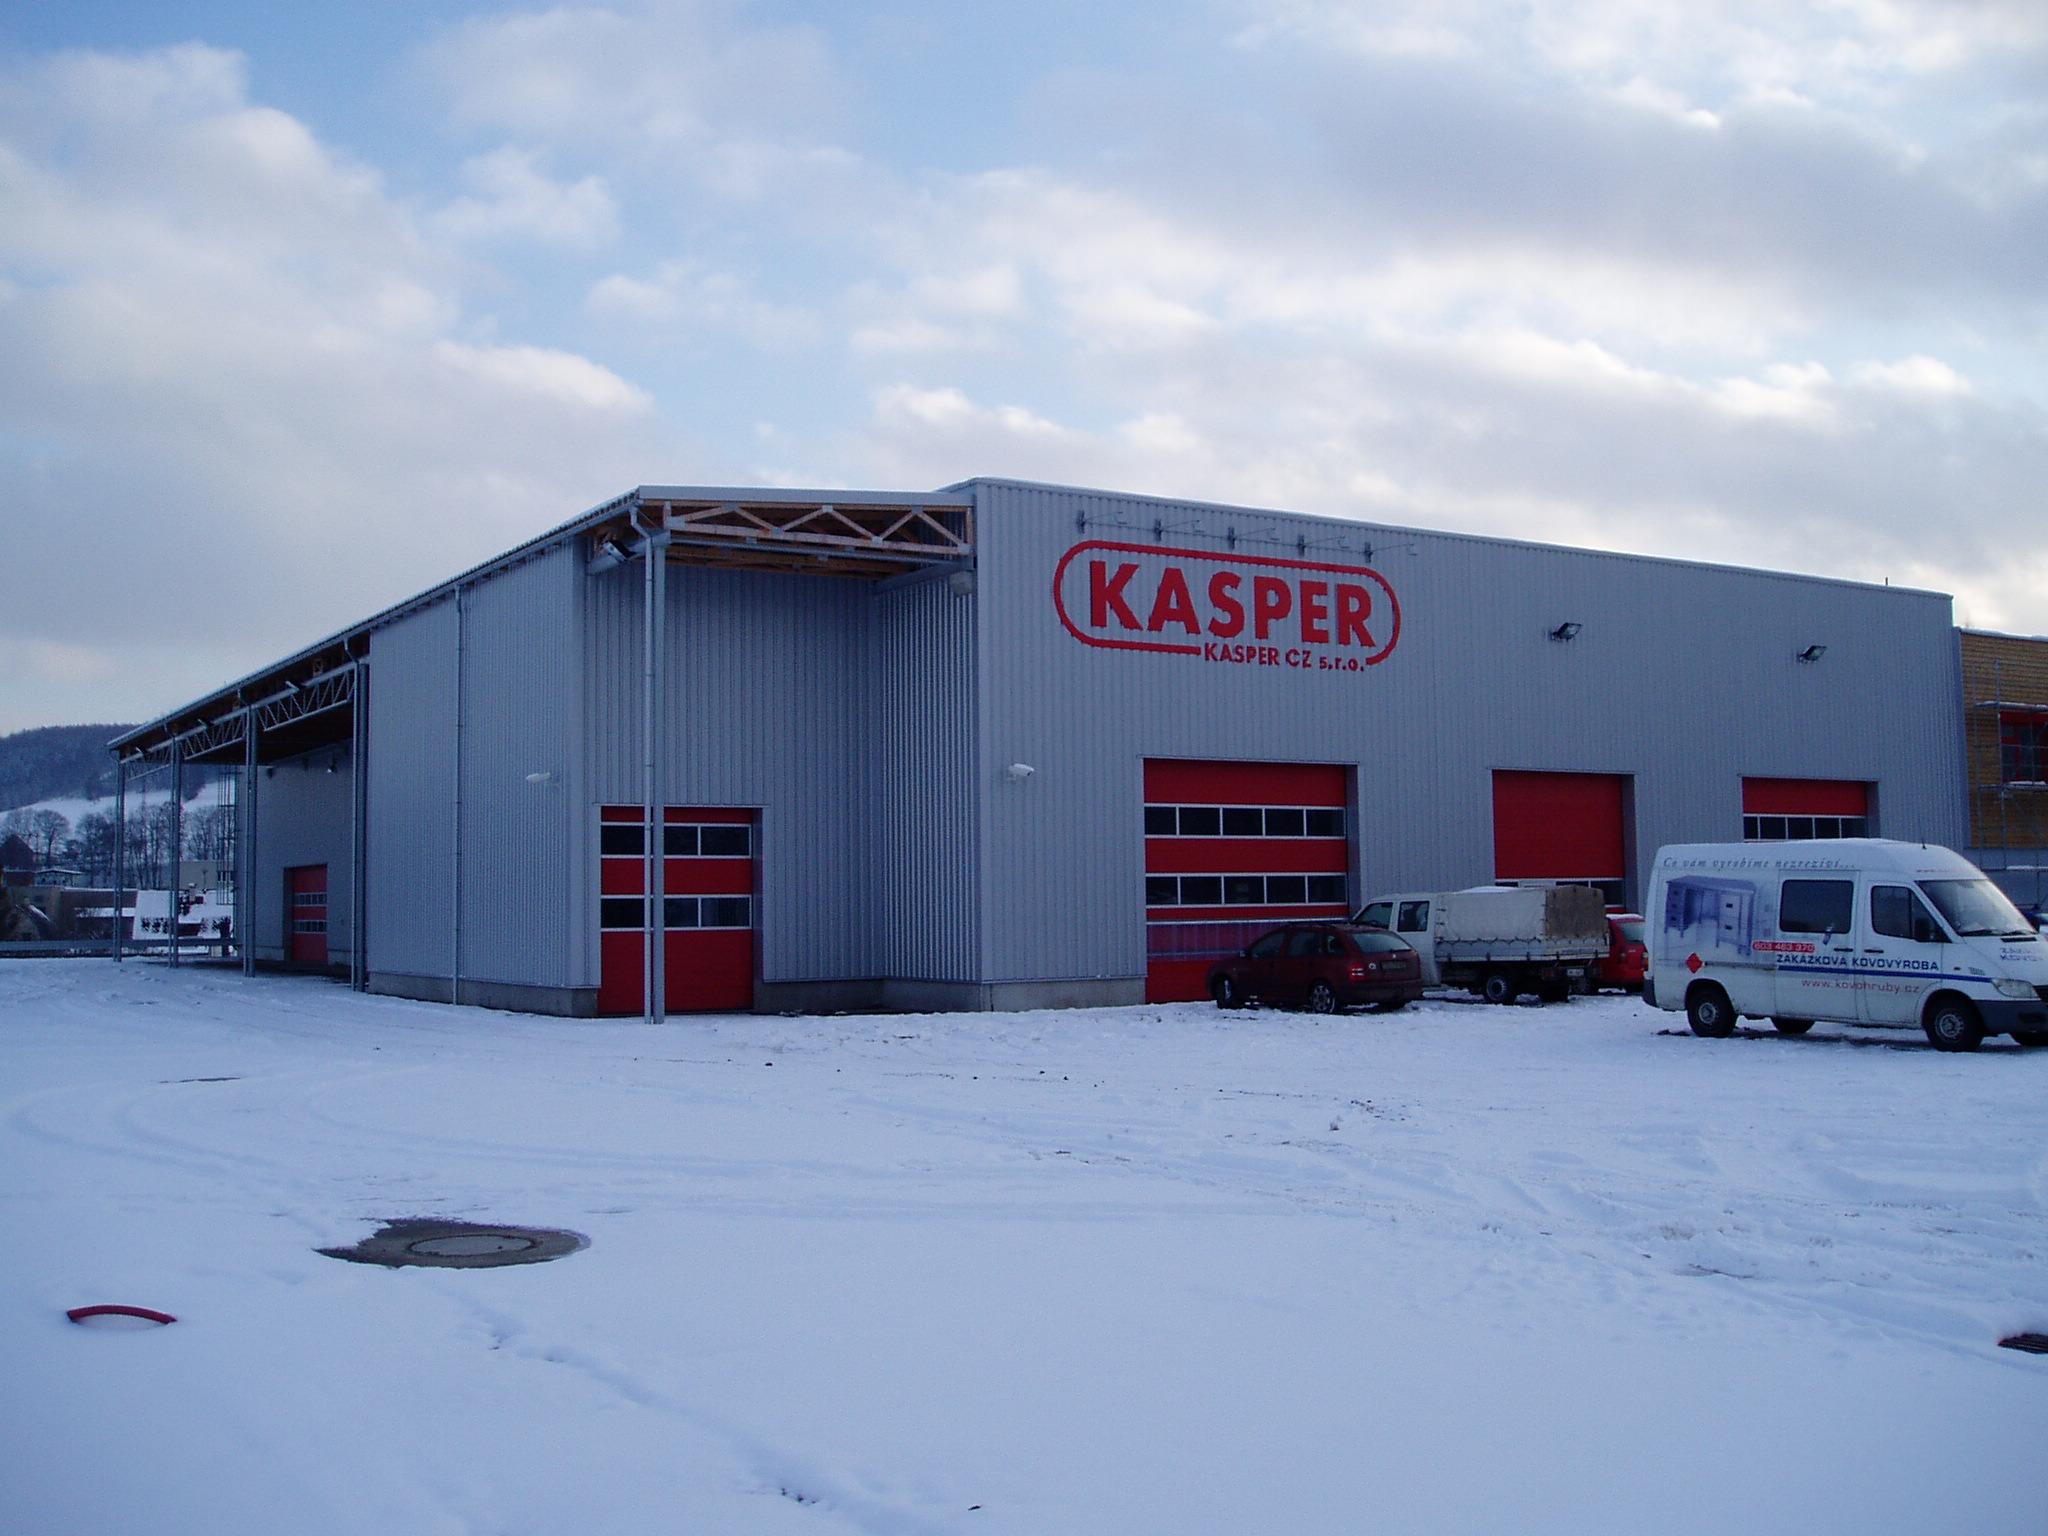 Skládaný plášť - Kasper Trutnov